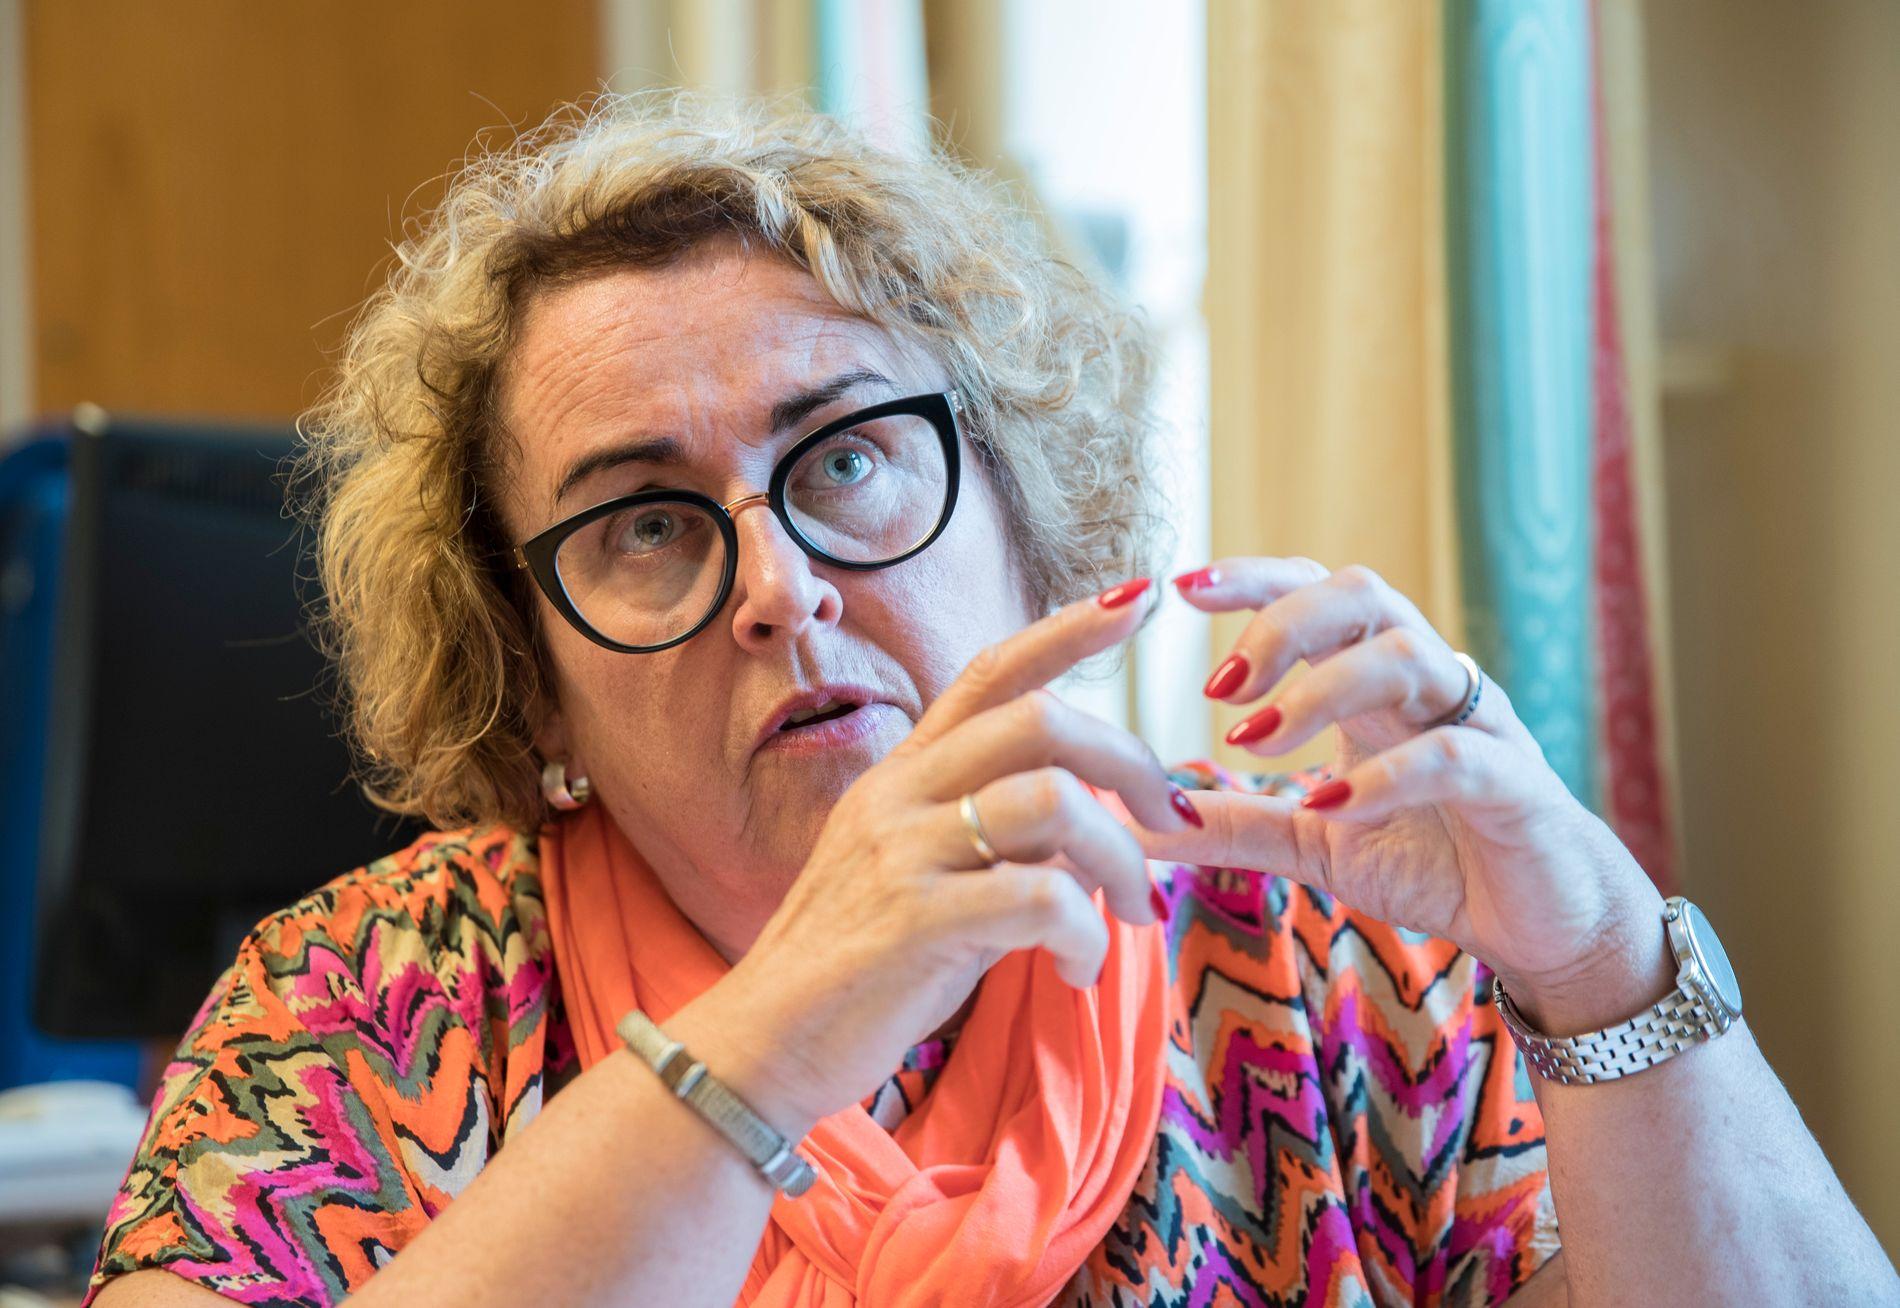 FORSVARER ORDNINGEN: Olaug Bollestad (KrF) anklager BT for feilslutninger om kontantstøtten.